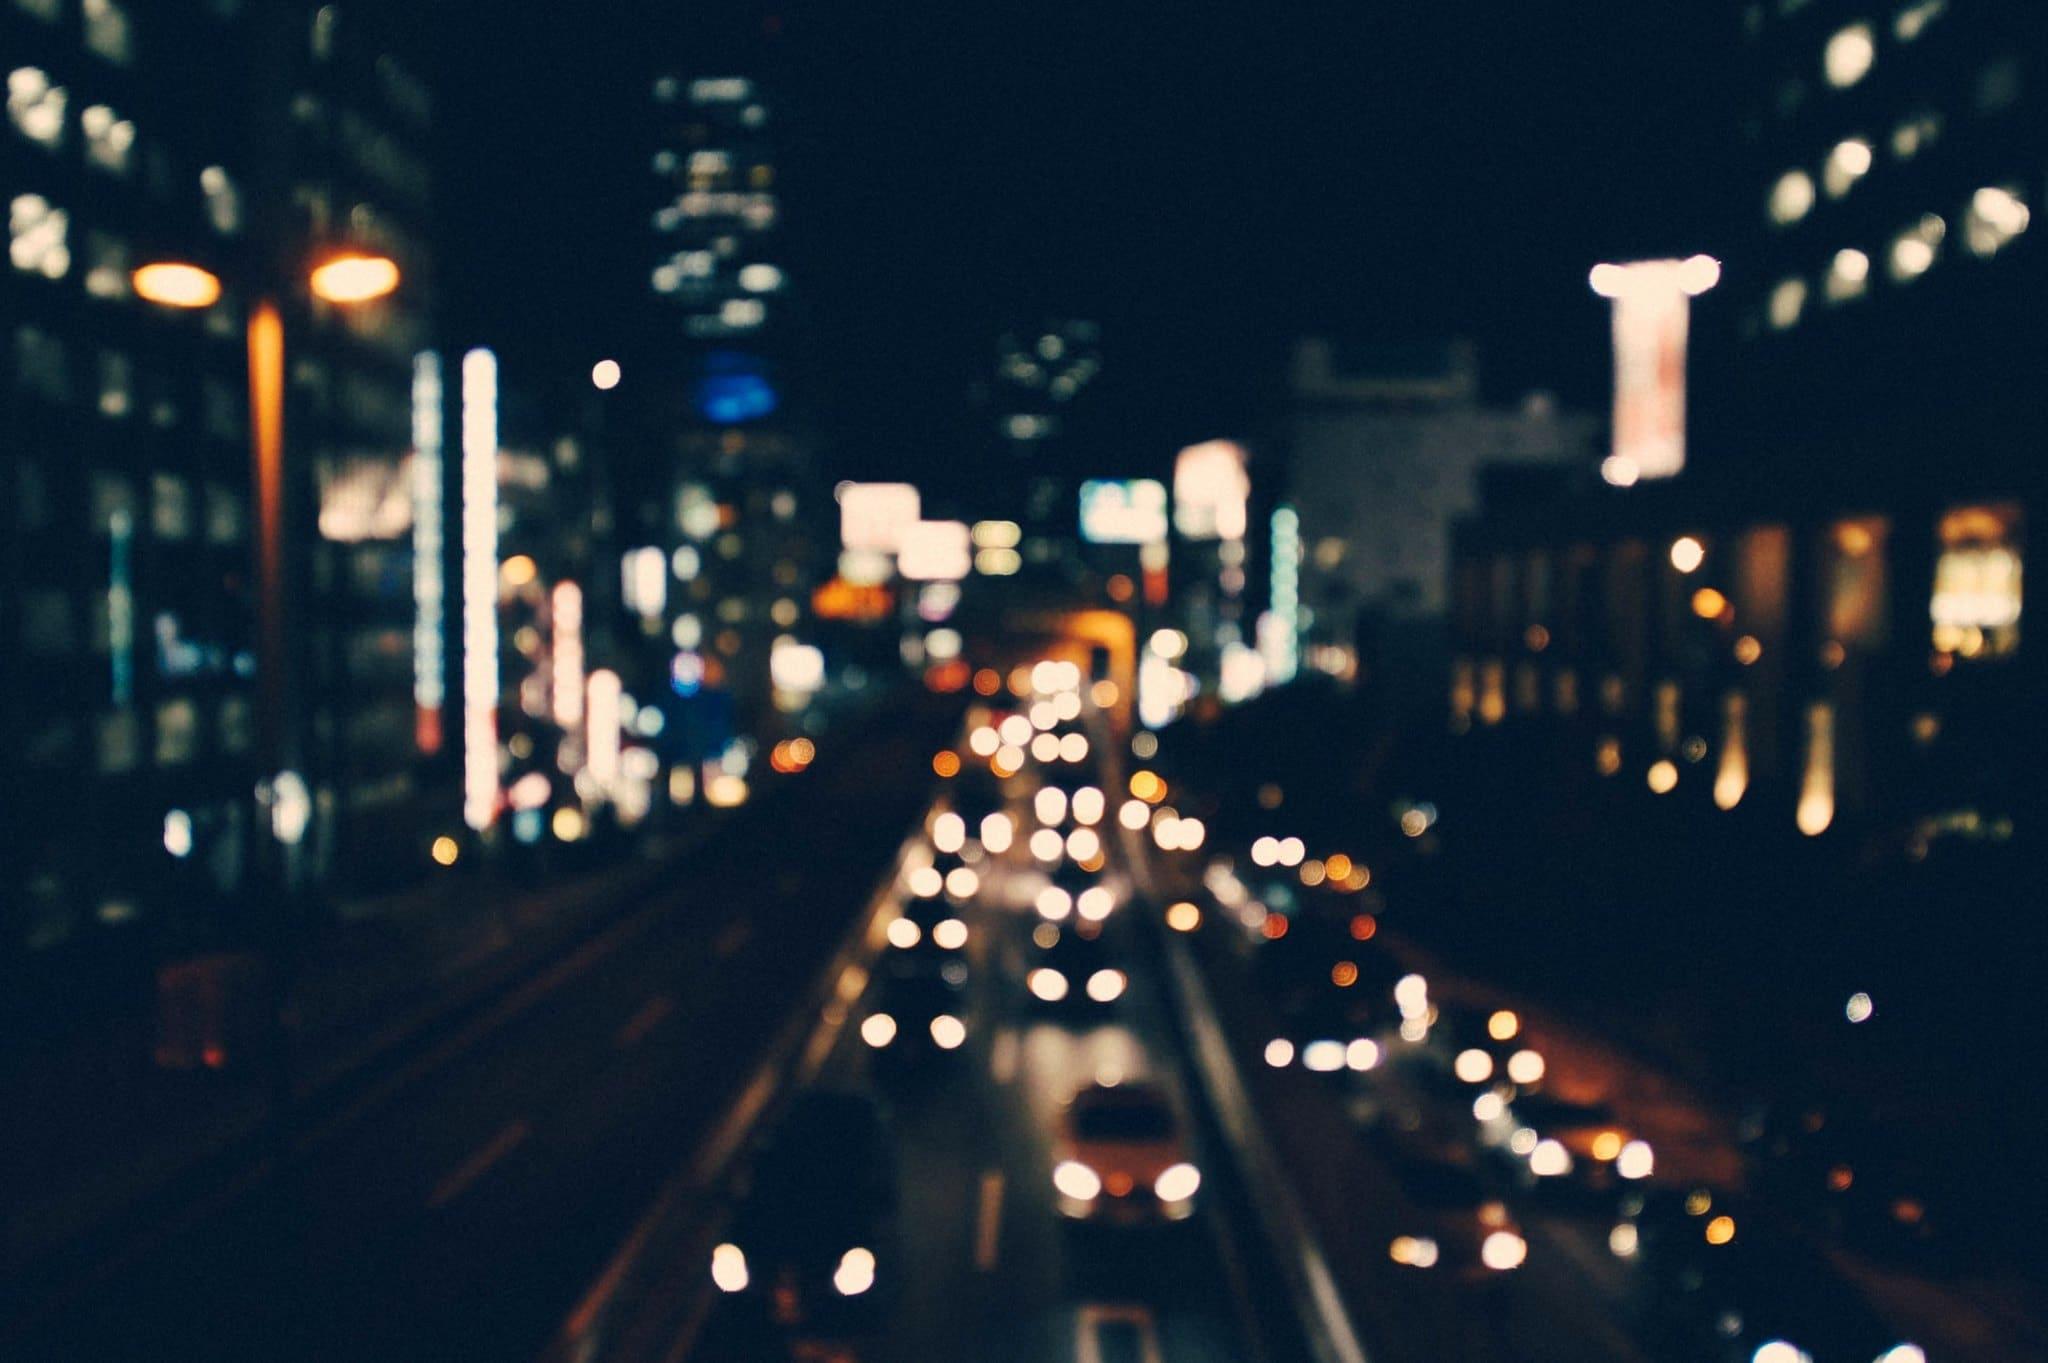 Чиновники постоянно говорят об «умном городе». Объясняем подробно, что это такое